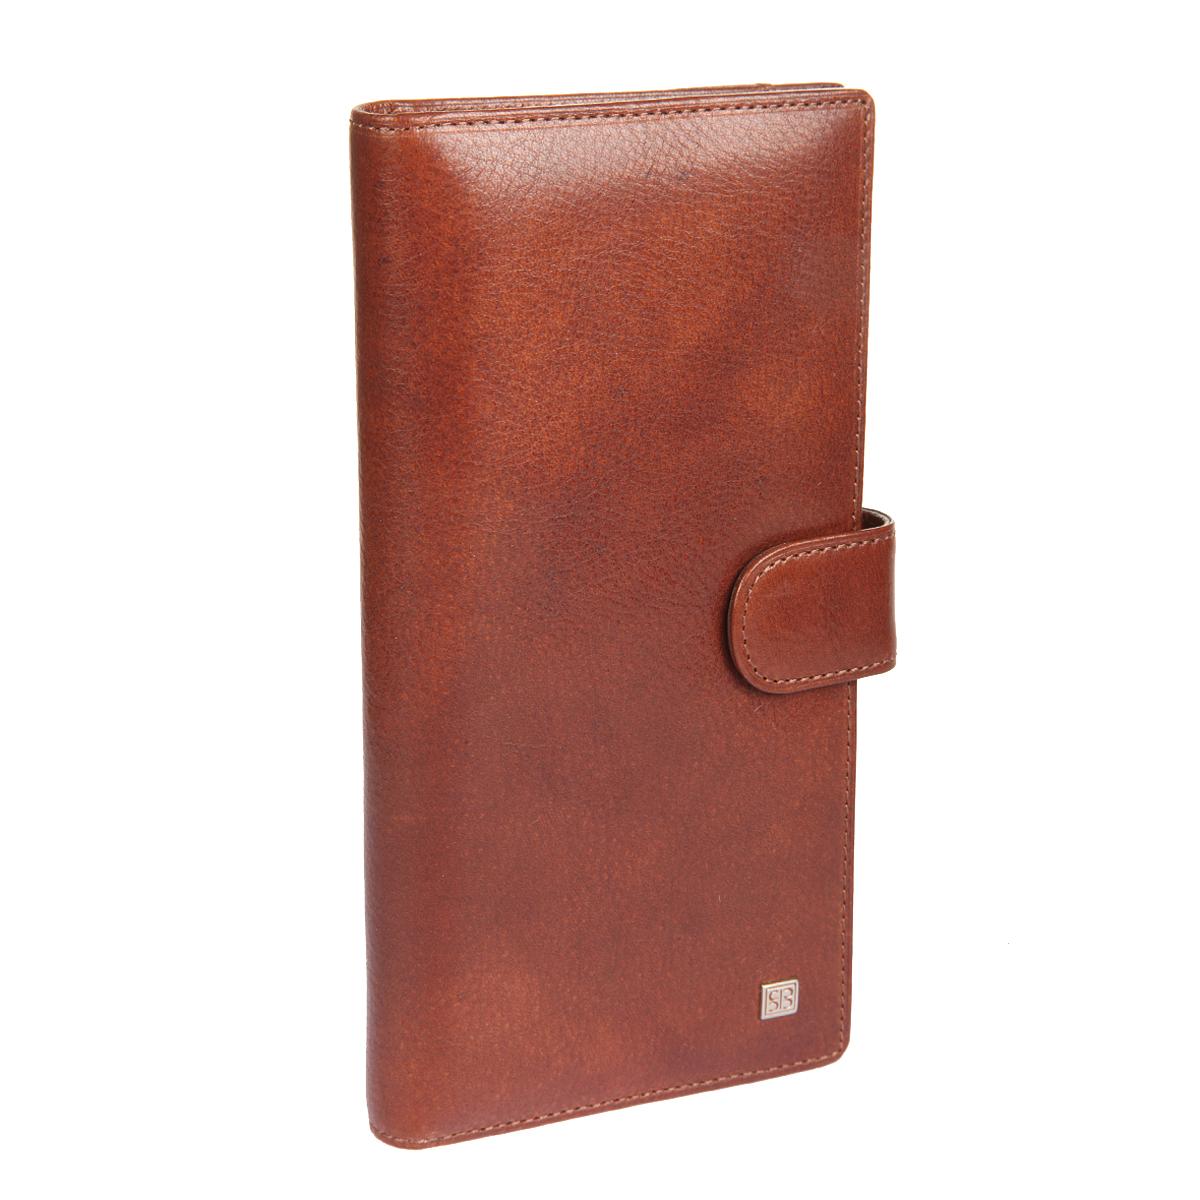 Портмоне мужское Sergio Belotti, цвет: коричневый. 3285BM8434-58AEСтильное мужское портмоне Sergio Belotti выполнено из натуральной высококачественной кожи. Лицевая сторона оформлена небольшой металлической пластиной с гравировкой в виде названия бренда. Изделие закрывается хлястиком на кнопку. Внутри расположены два отделения для купюр, четырнадцать прорезных карманов для кредитных карт или визиток, боковой карман для мелких бумаг. На тыльной стороне портмоне - отделение для мелочи, закрывающееся клапаном на магнитную кнопку и дополненное двумя отсеками и шестью прорезями для банковских карт.Изделие упаковано в фирменную коробку. Такое портмоне станет отличным подарком для человека, ценящего качественные и необычные вещи.